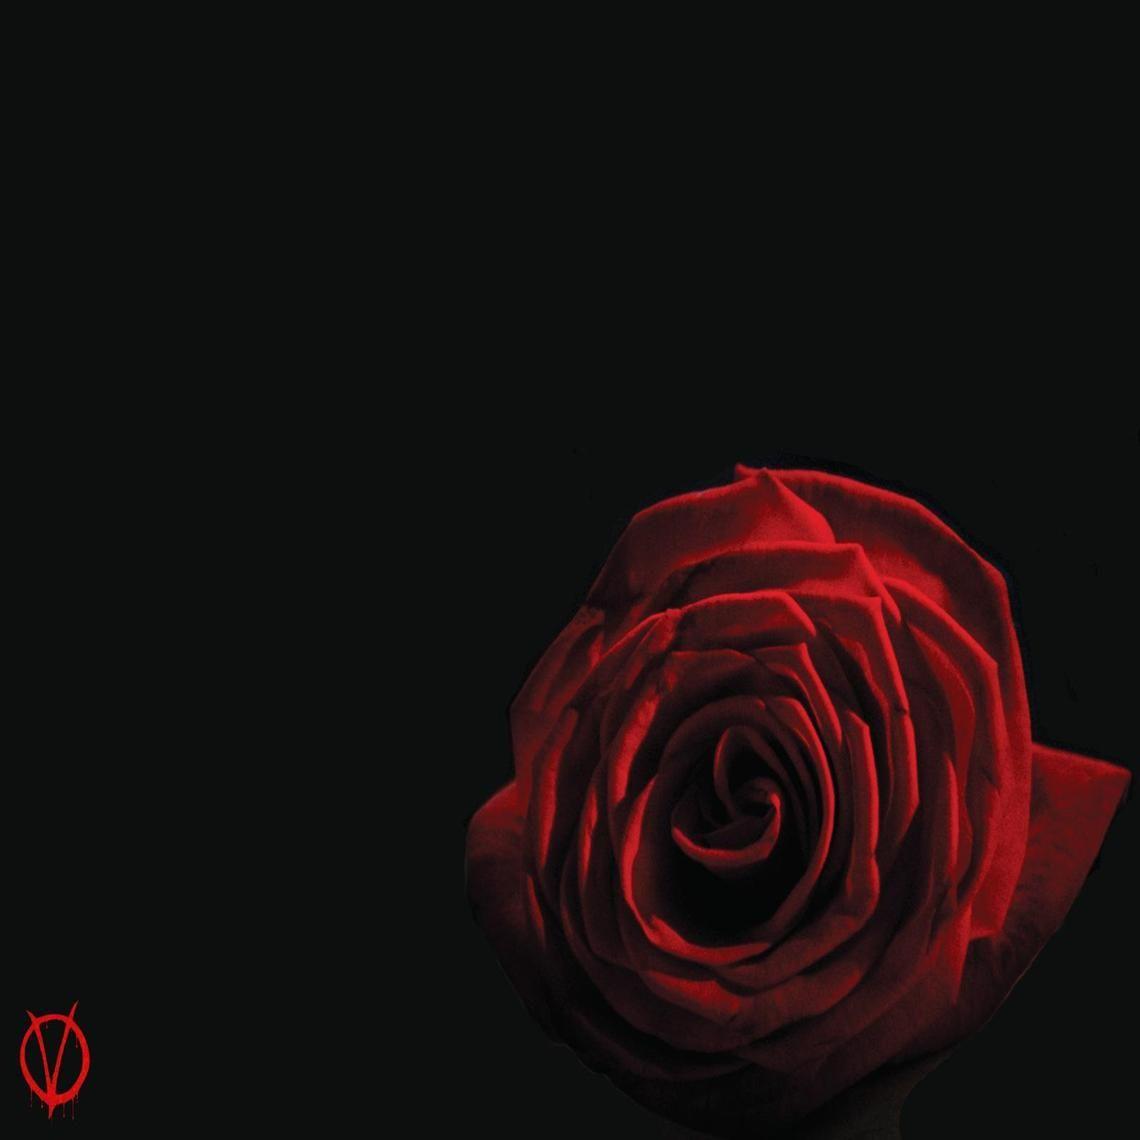 V for Vendetta Violet Carson Rose